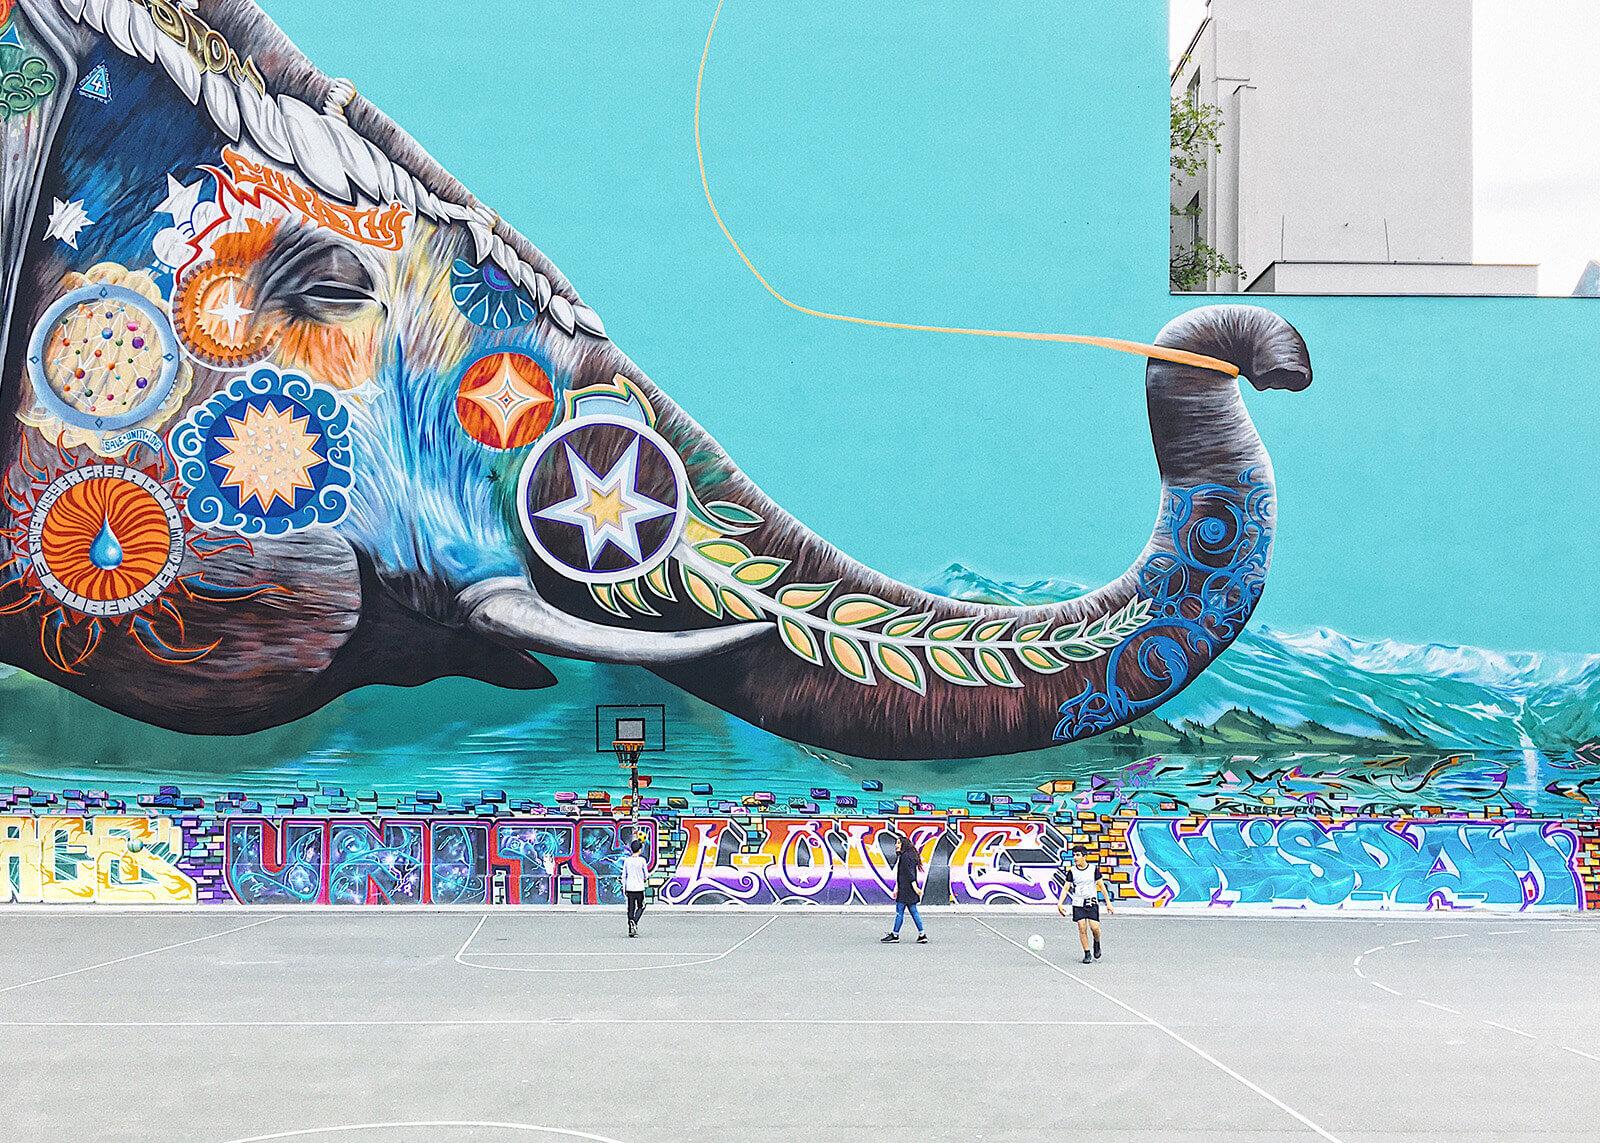 Street art in Kreuzberg, Berlin, Germany